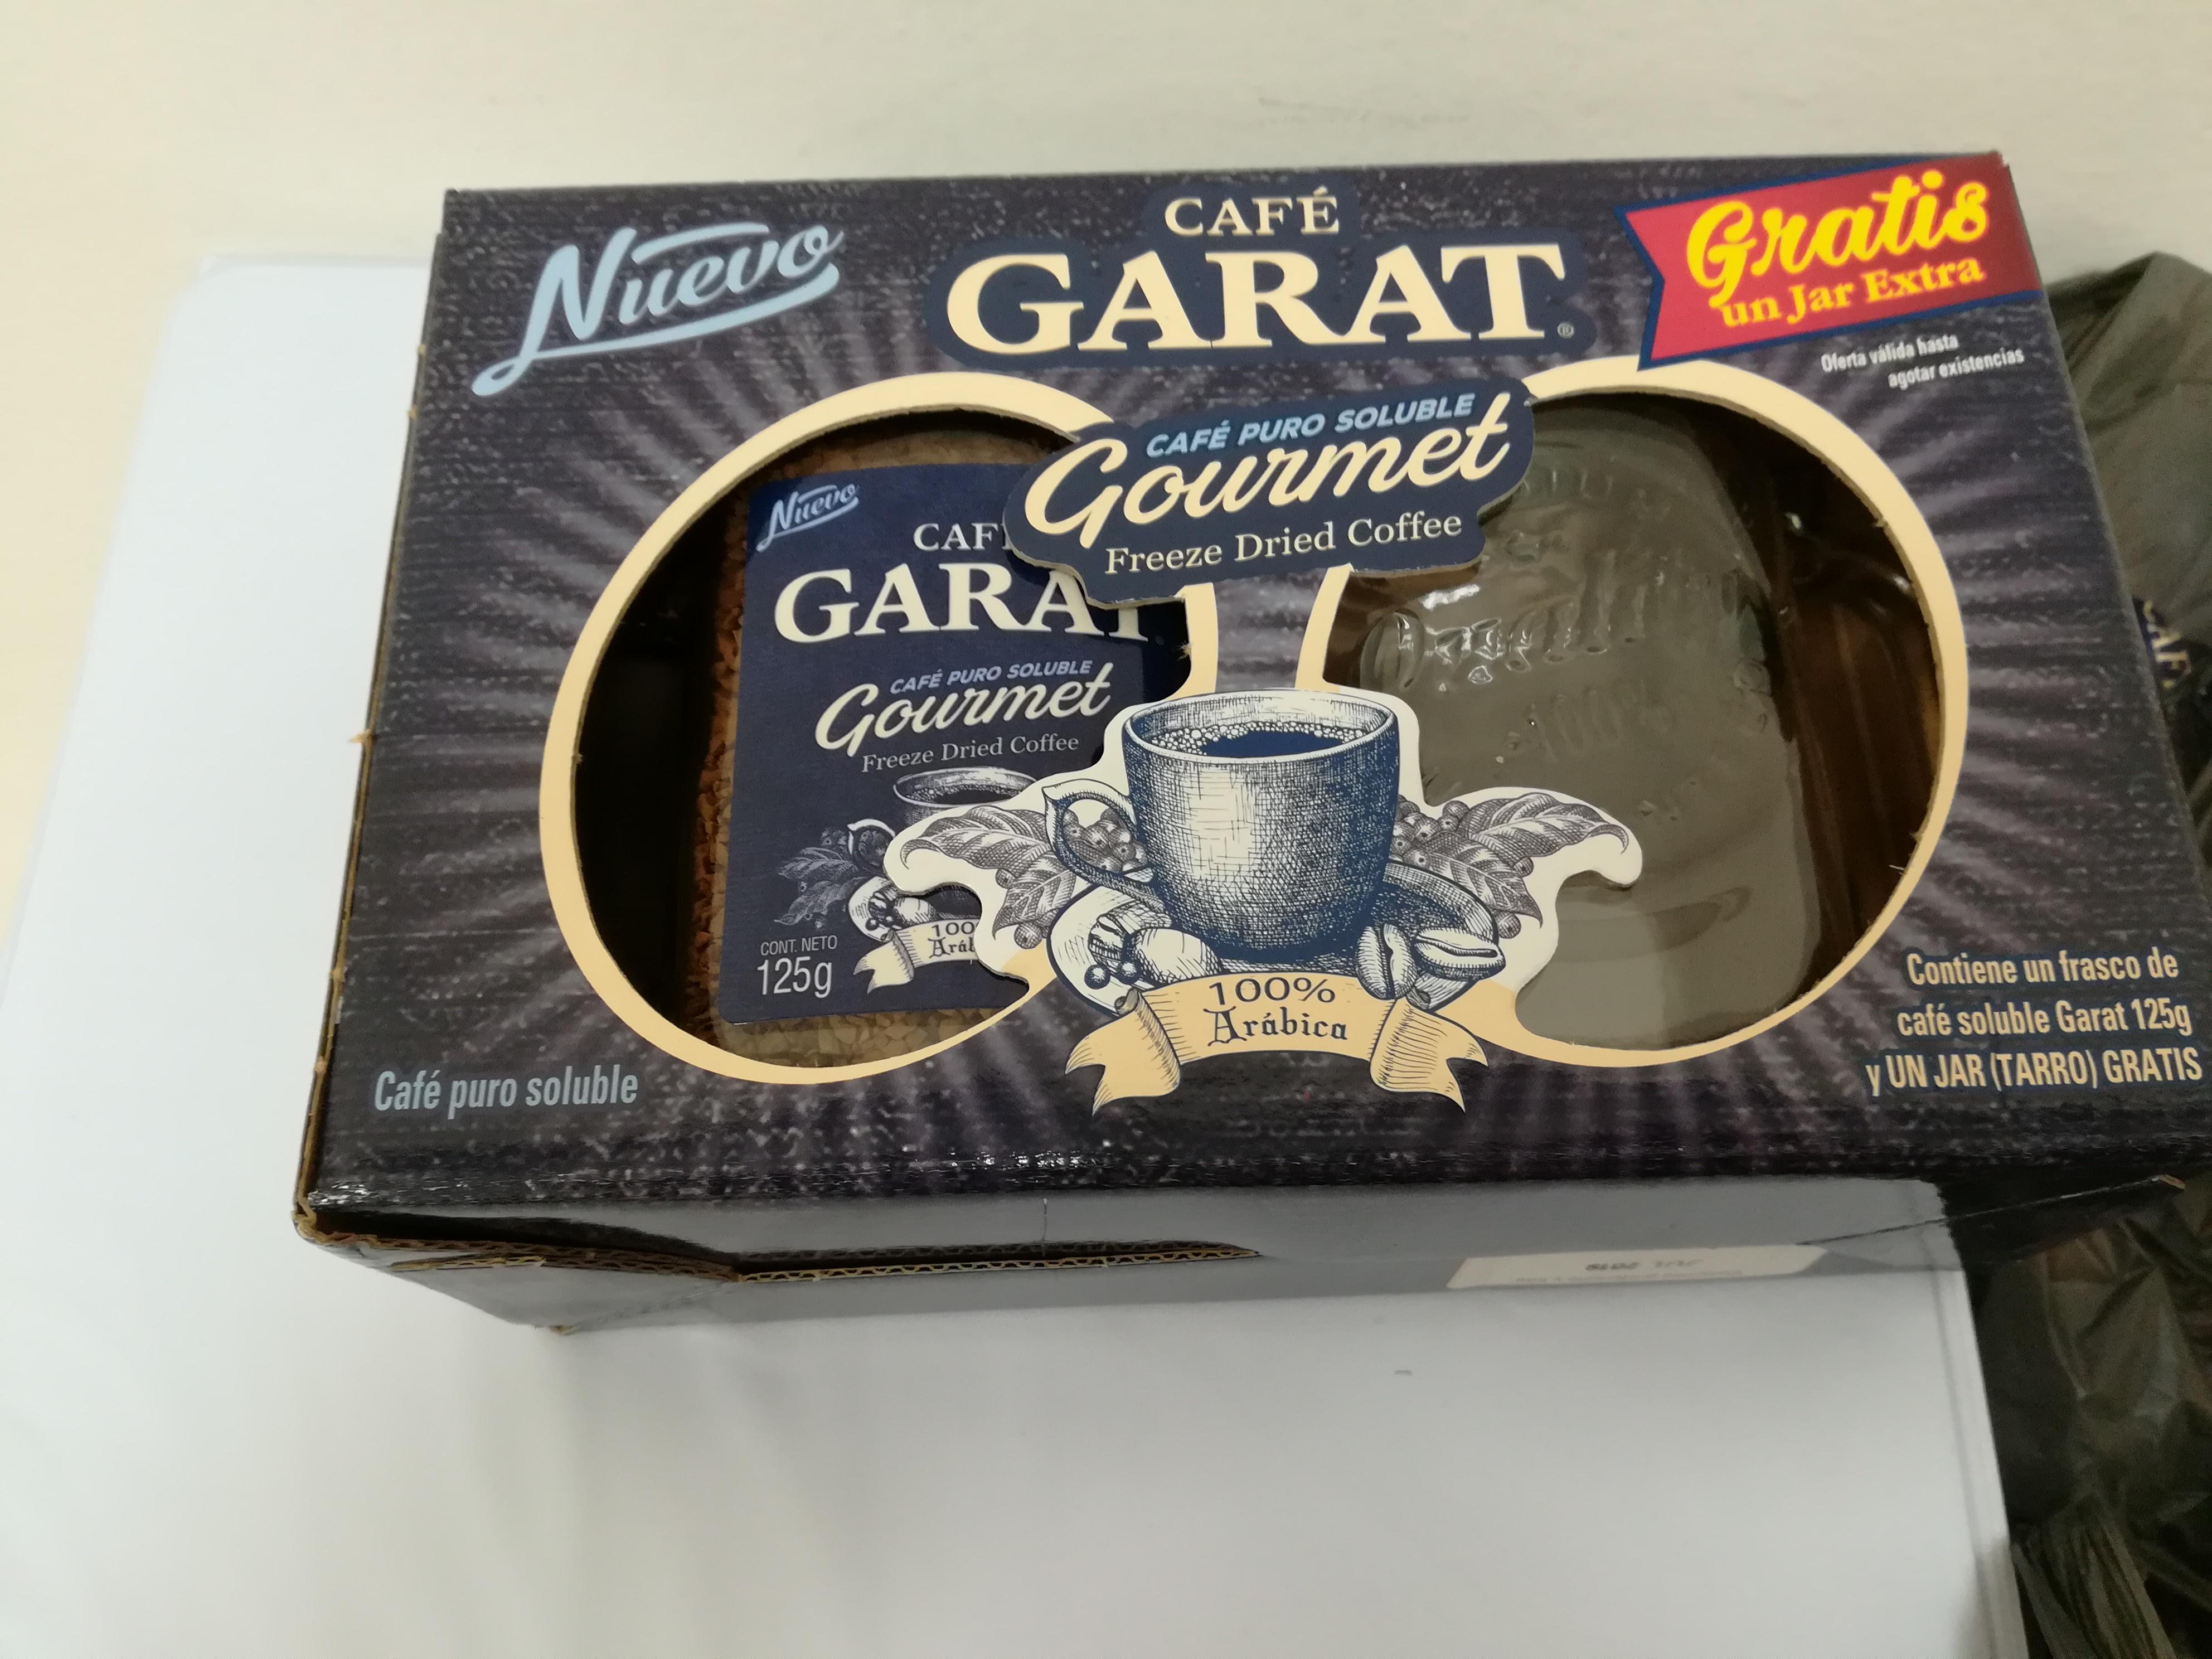 Superama: Café garat gourmet